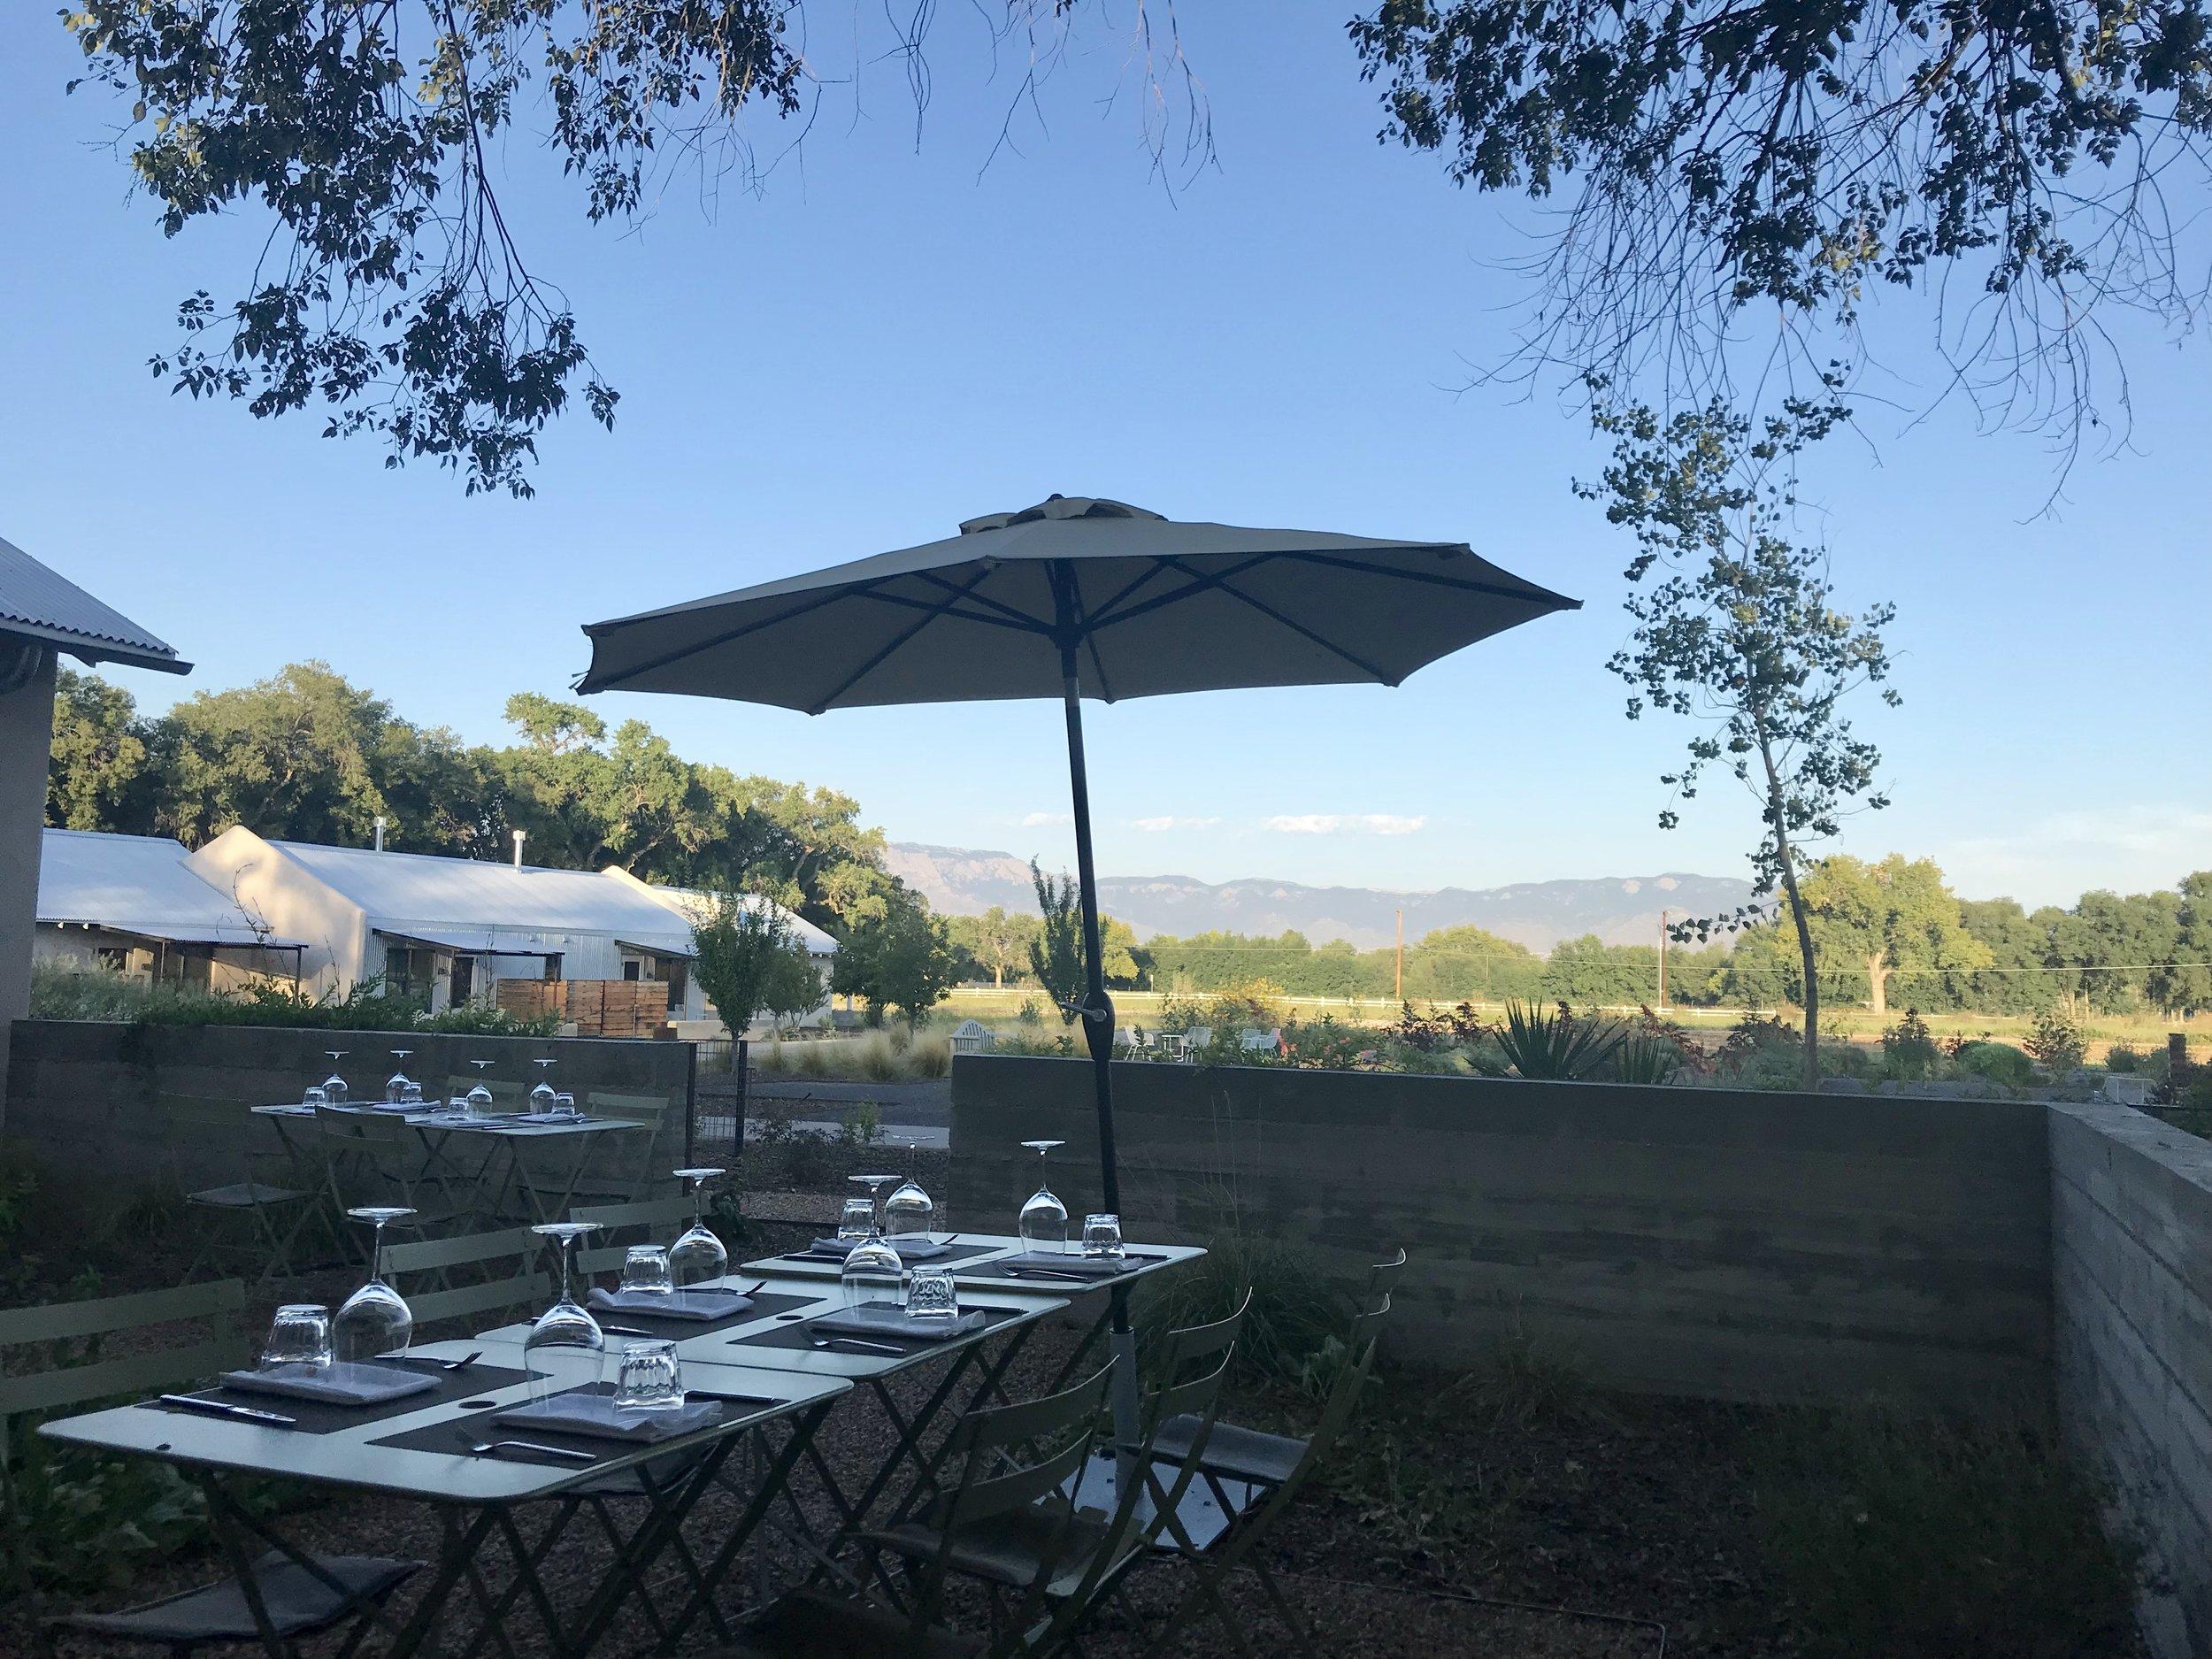 The patio at Los Poblanos' restaurant